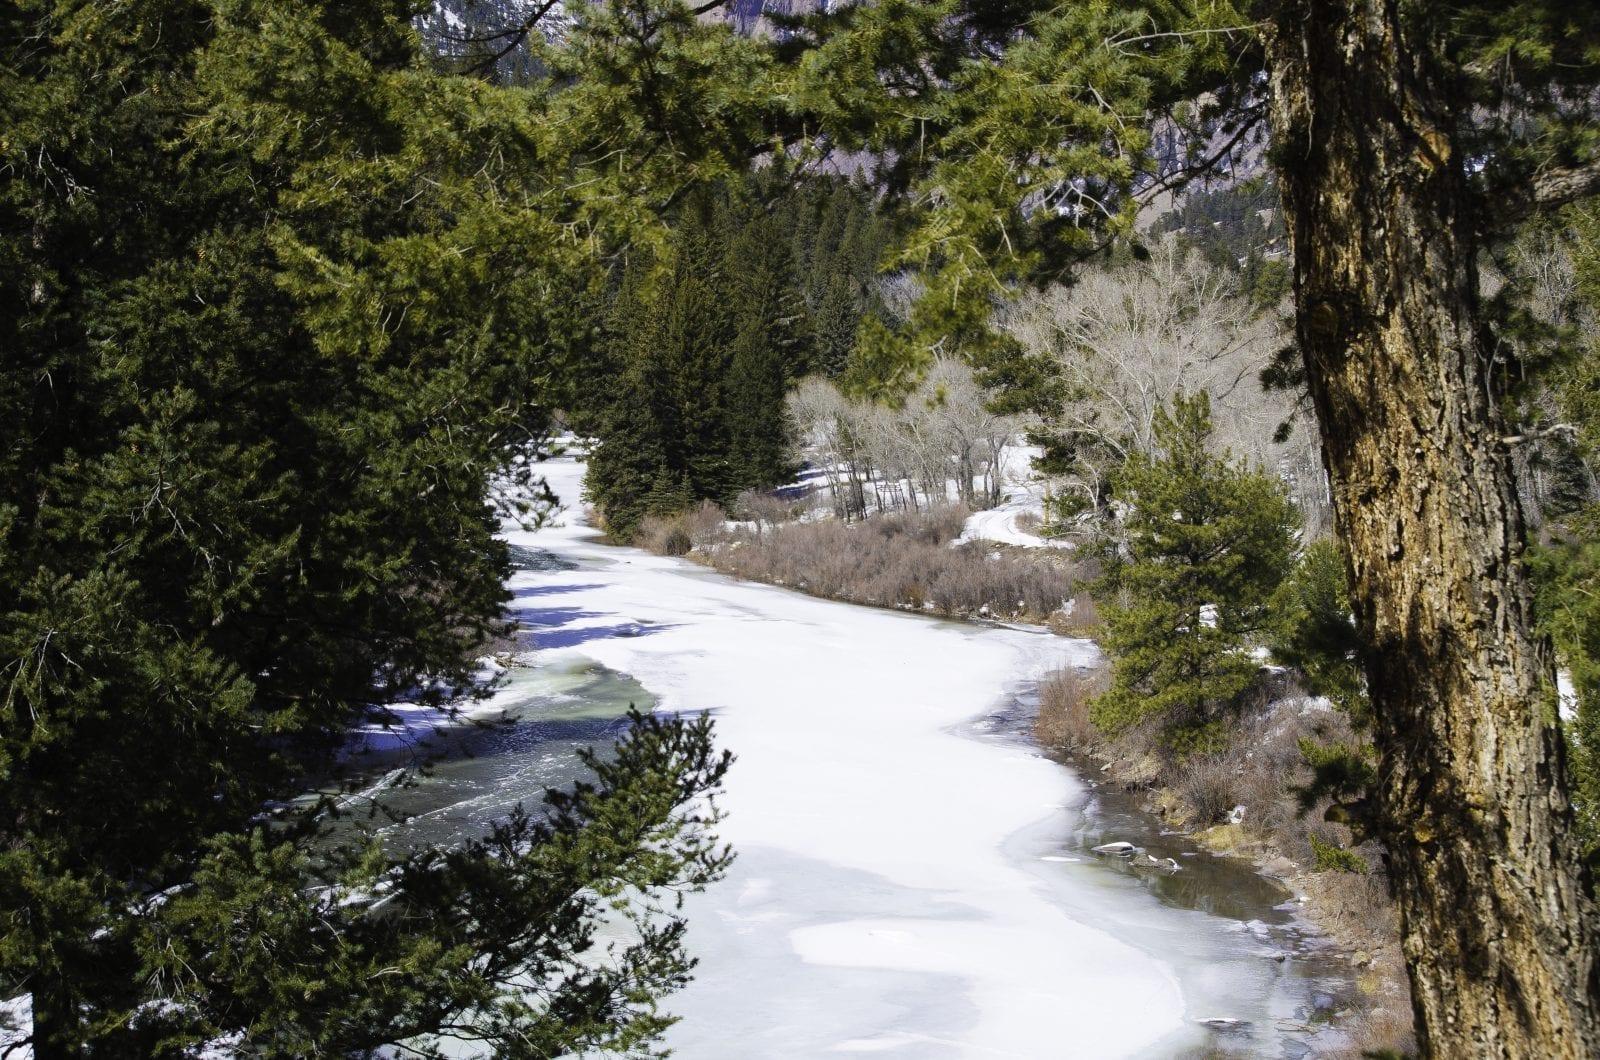 Rio Grande River in Colorado